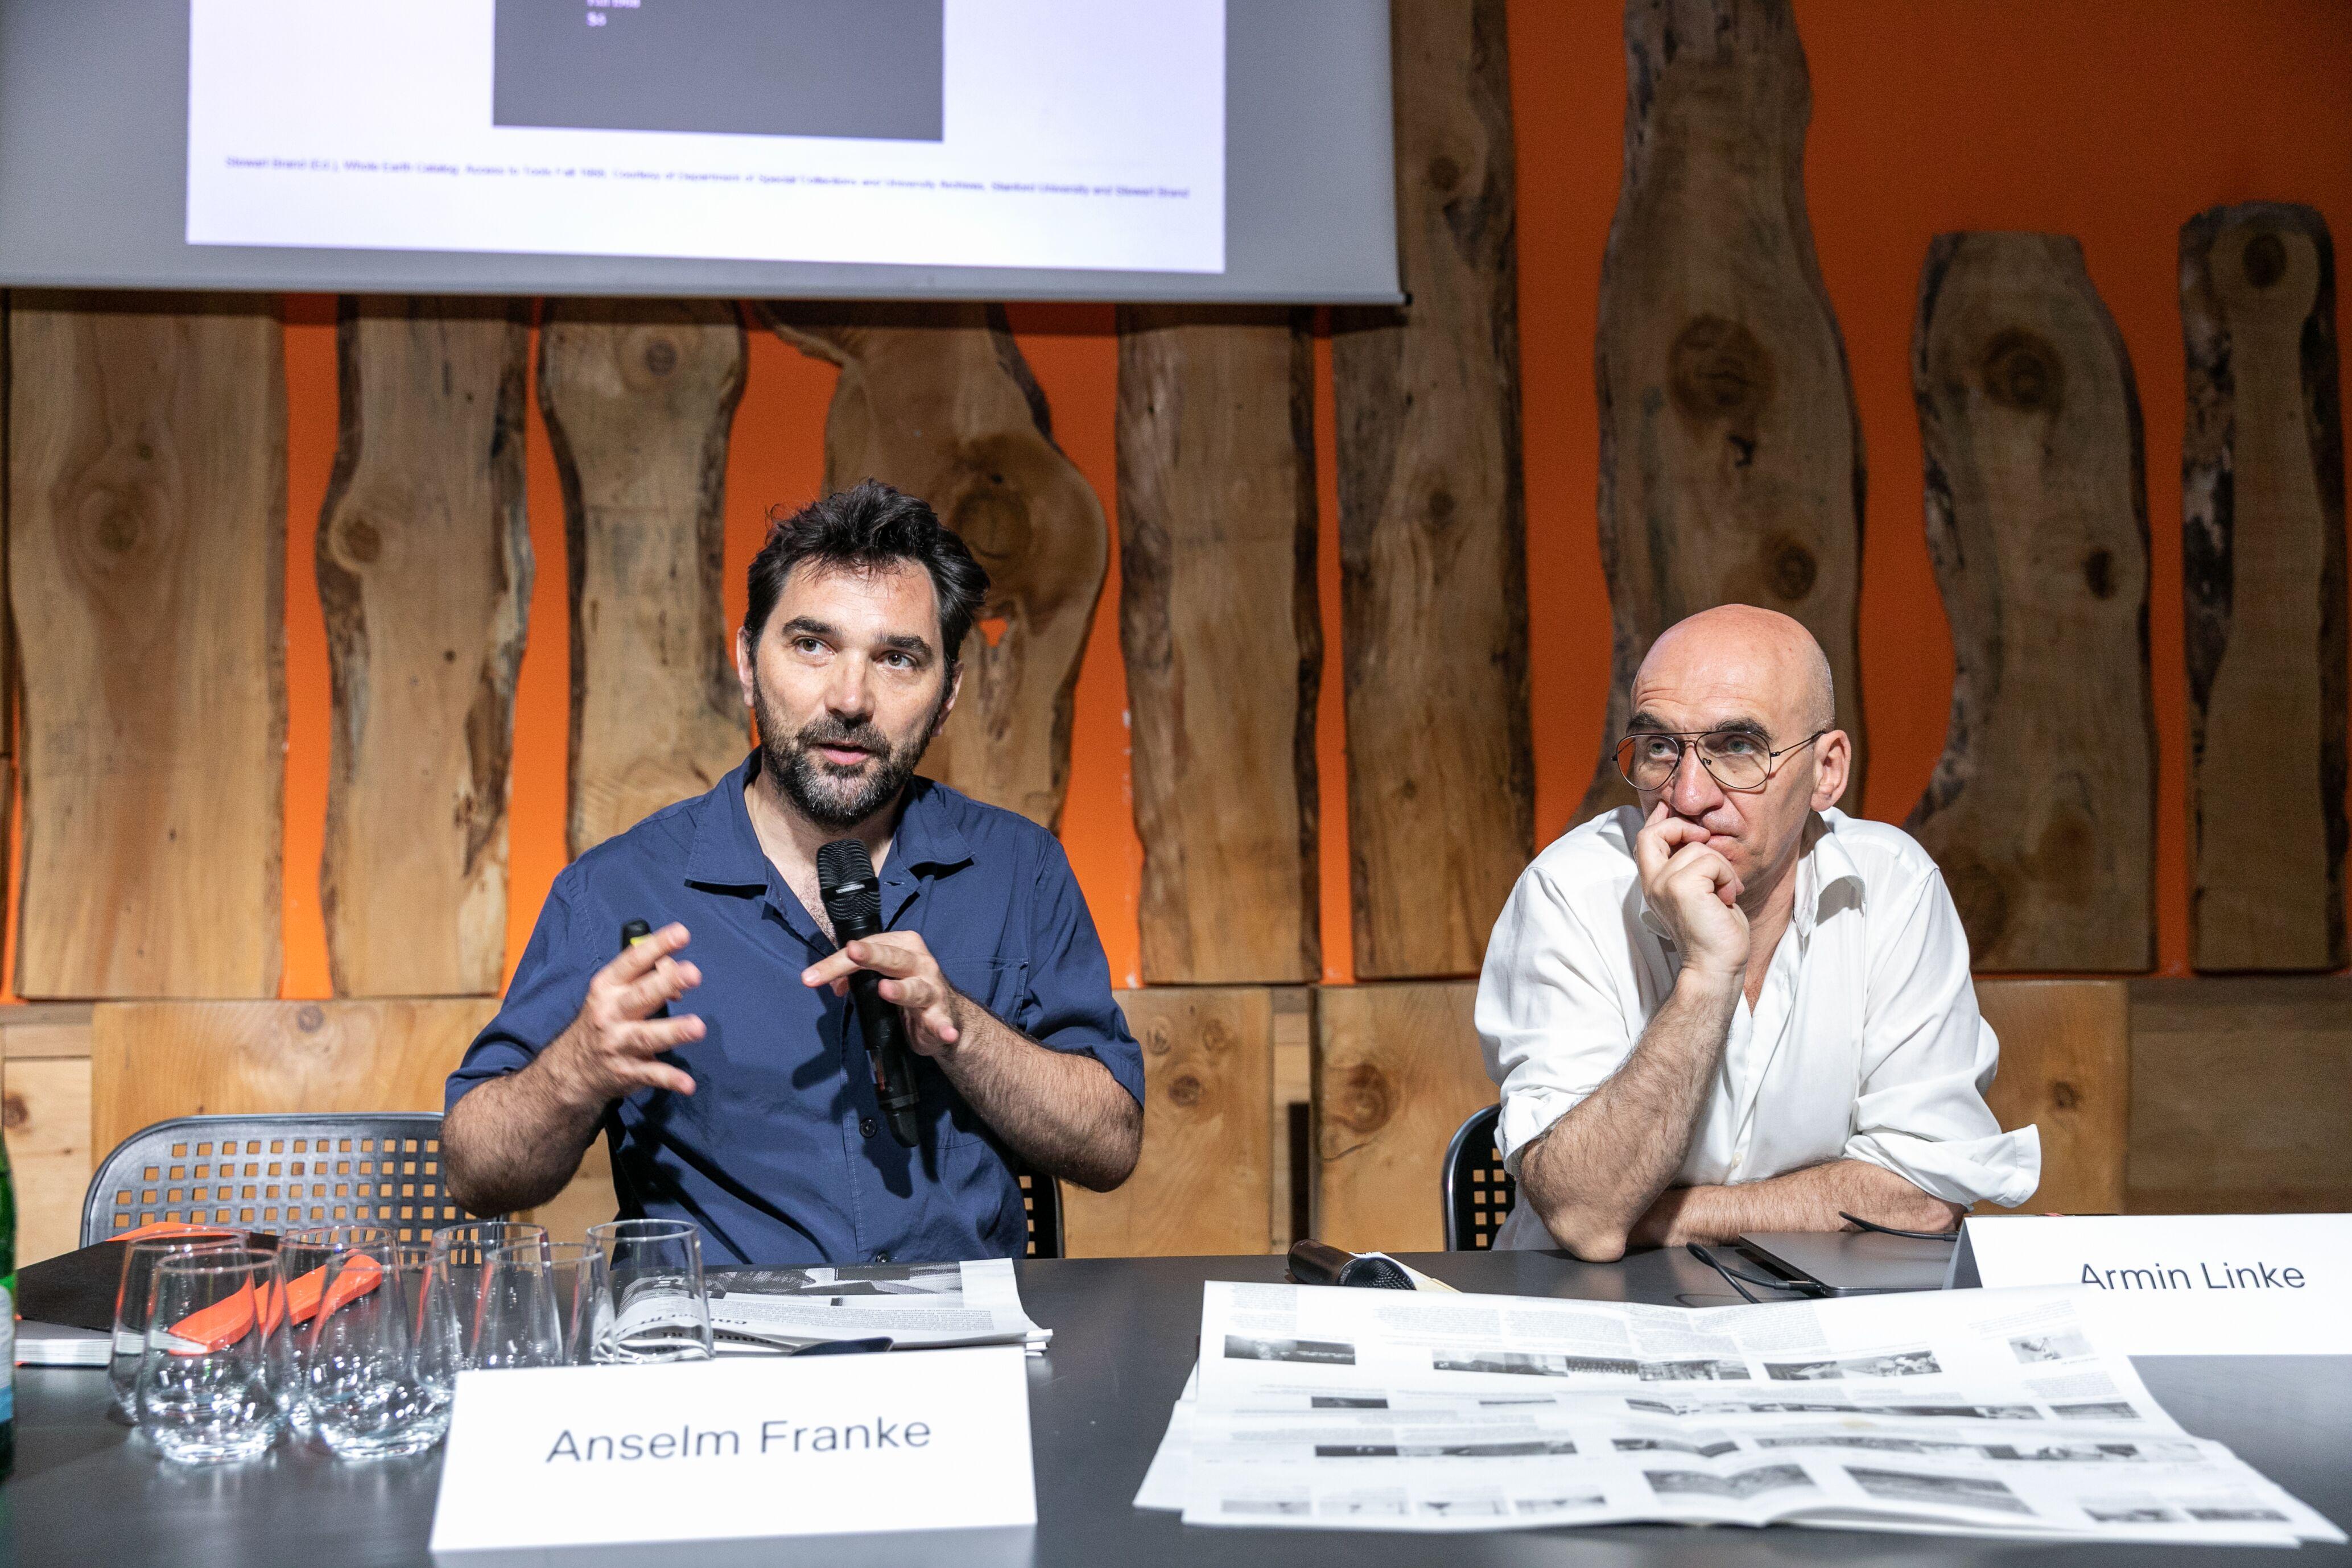 Anselm Franke della HKW a Milano, in Triennale, per parlare di Antropocene. Il suo intervento è stato tra i più acuti.